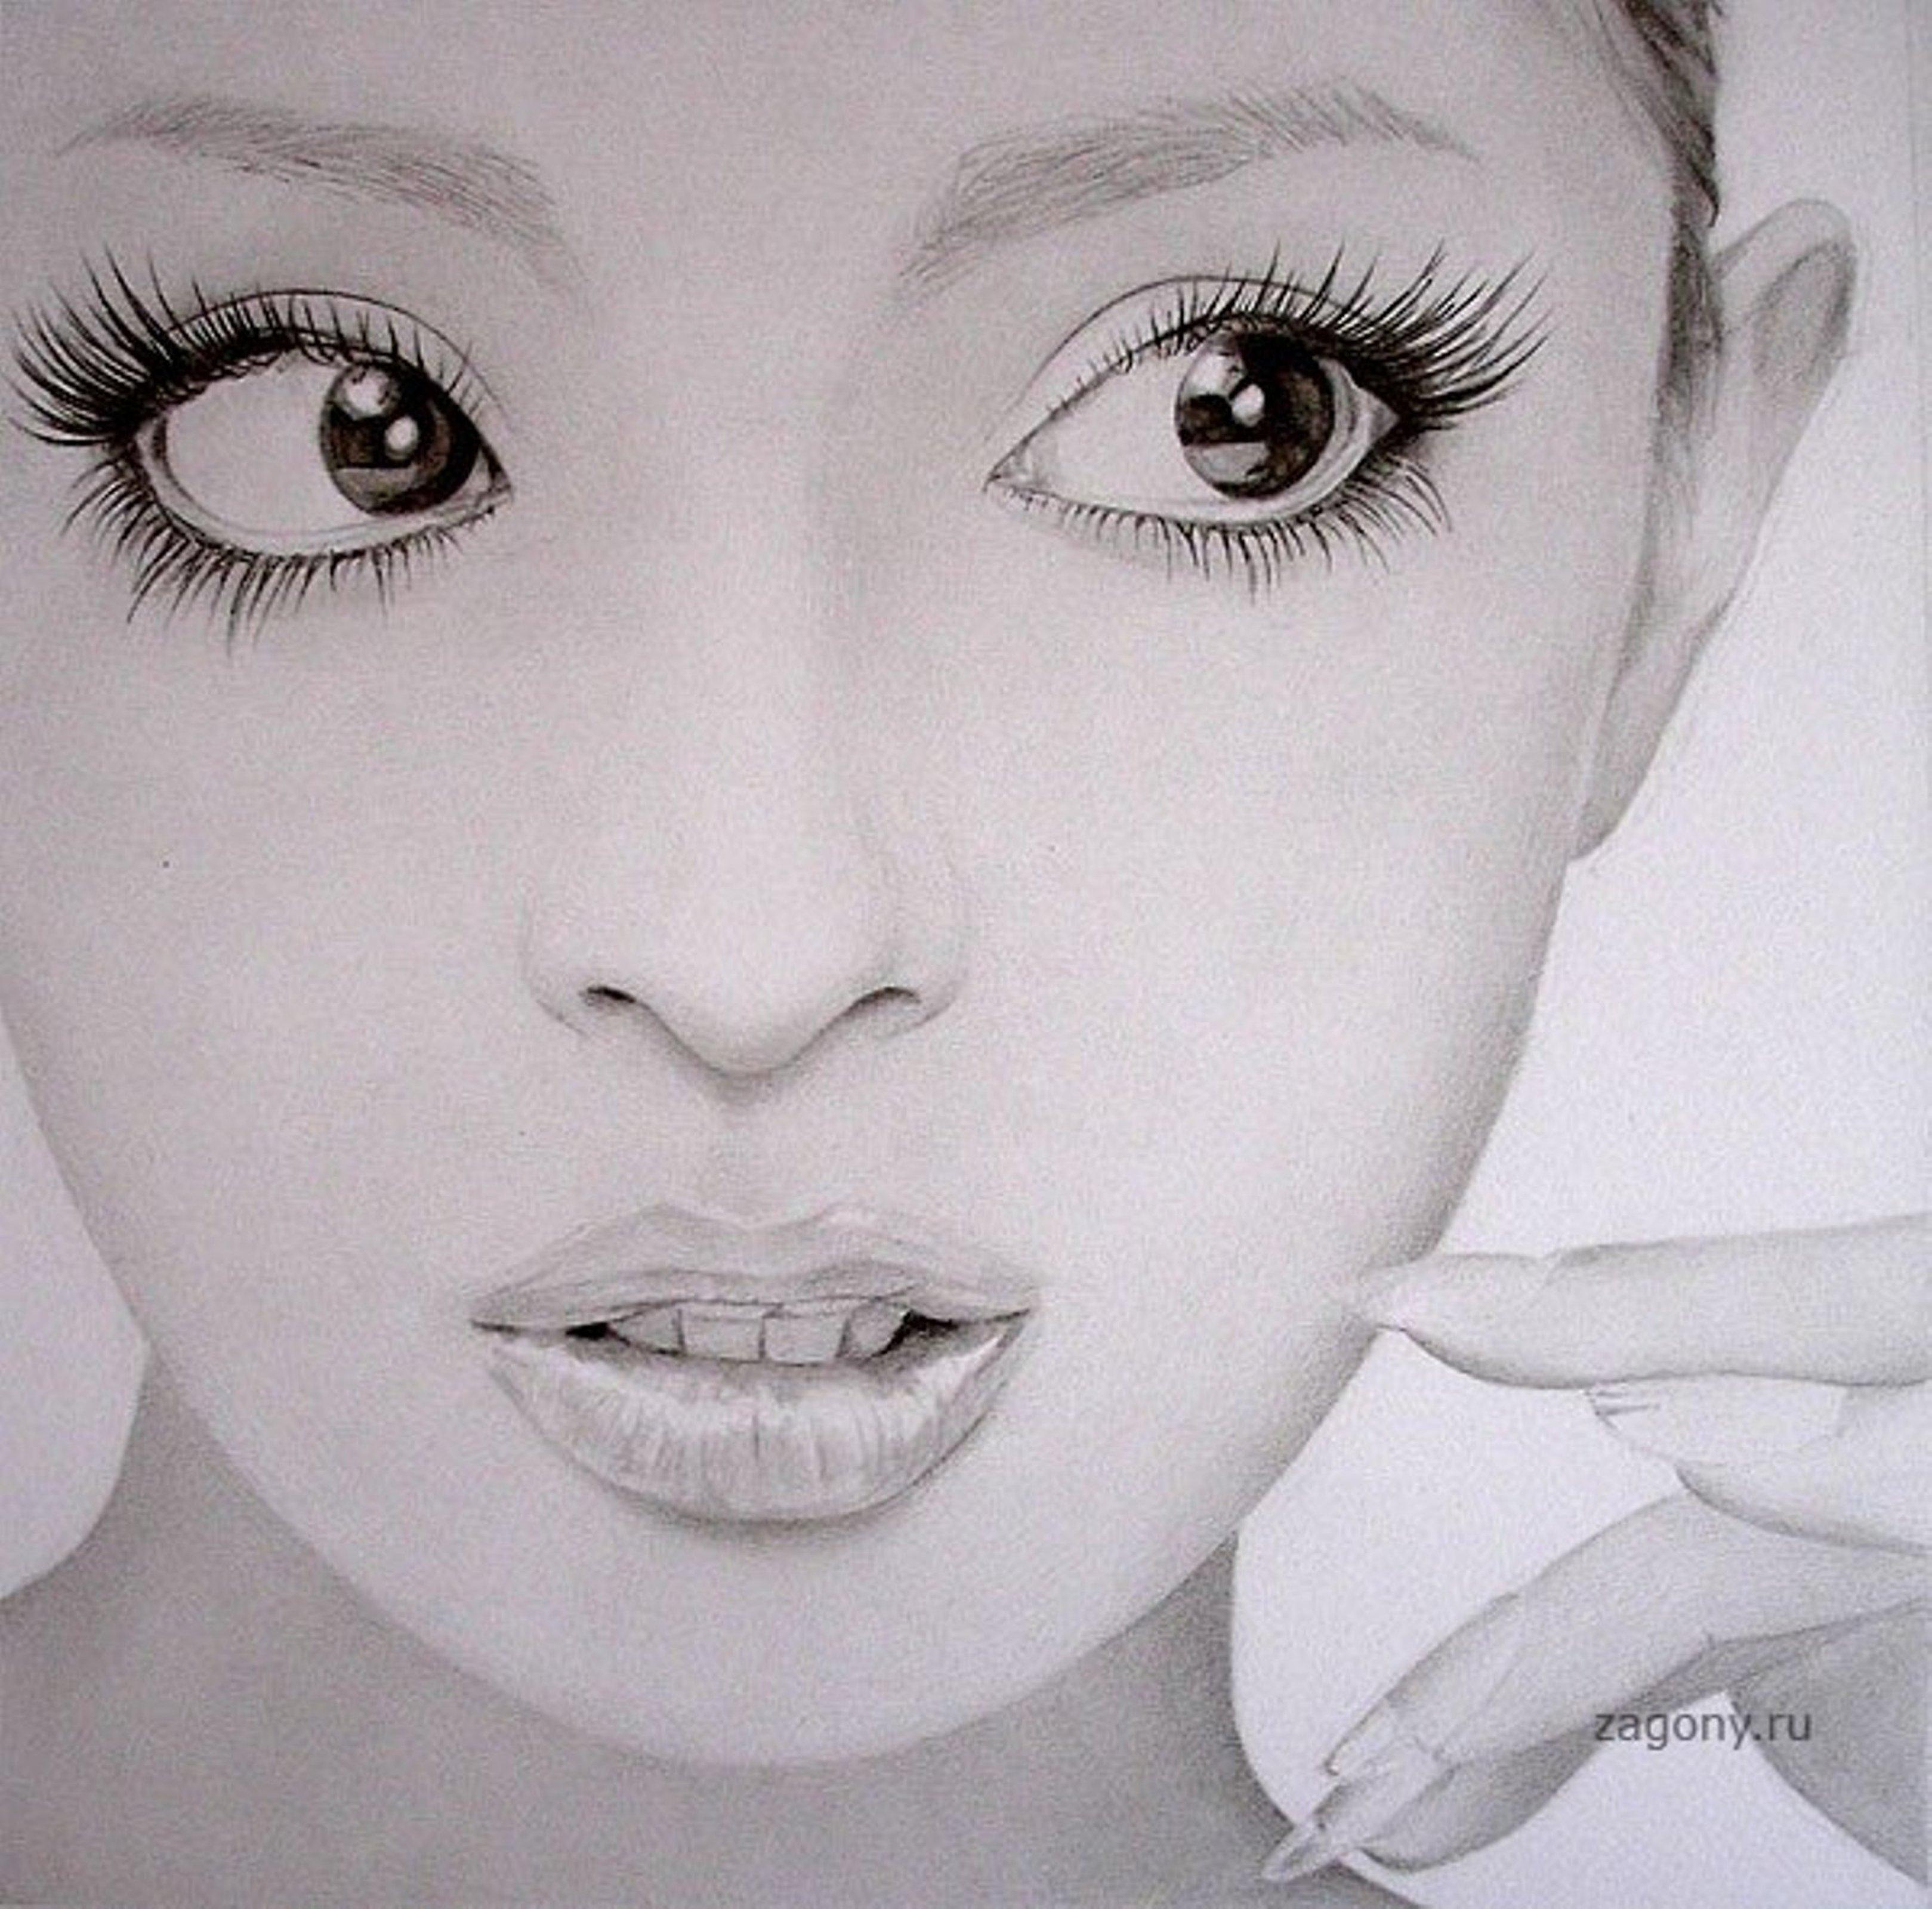 Рисунки на голой девочке 4 фотография